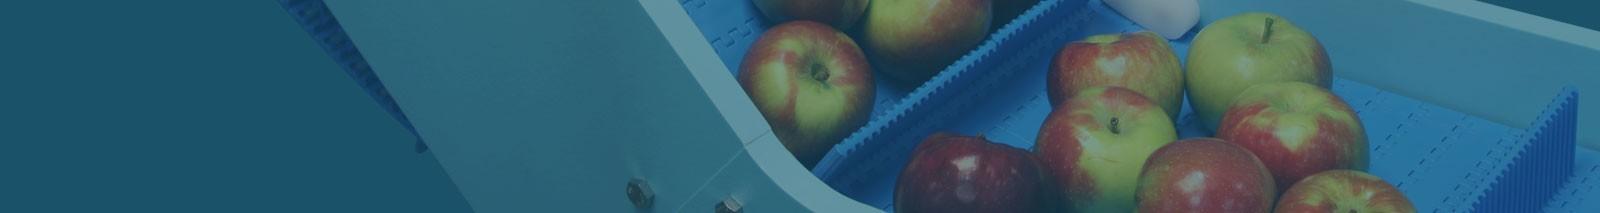 DynaClean foood conveyor with apples.